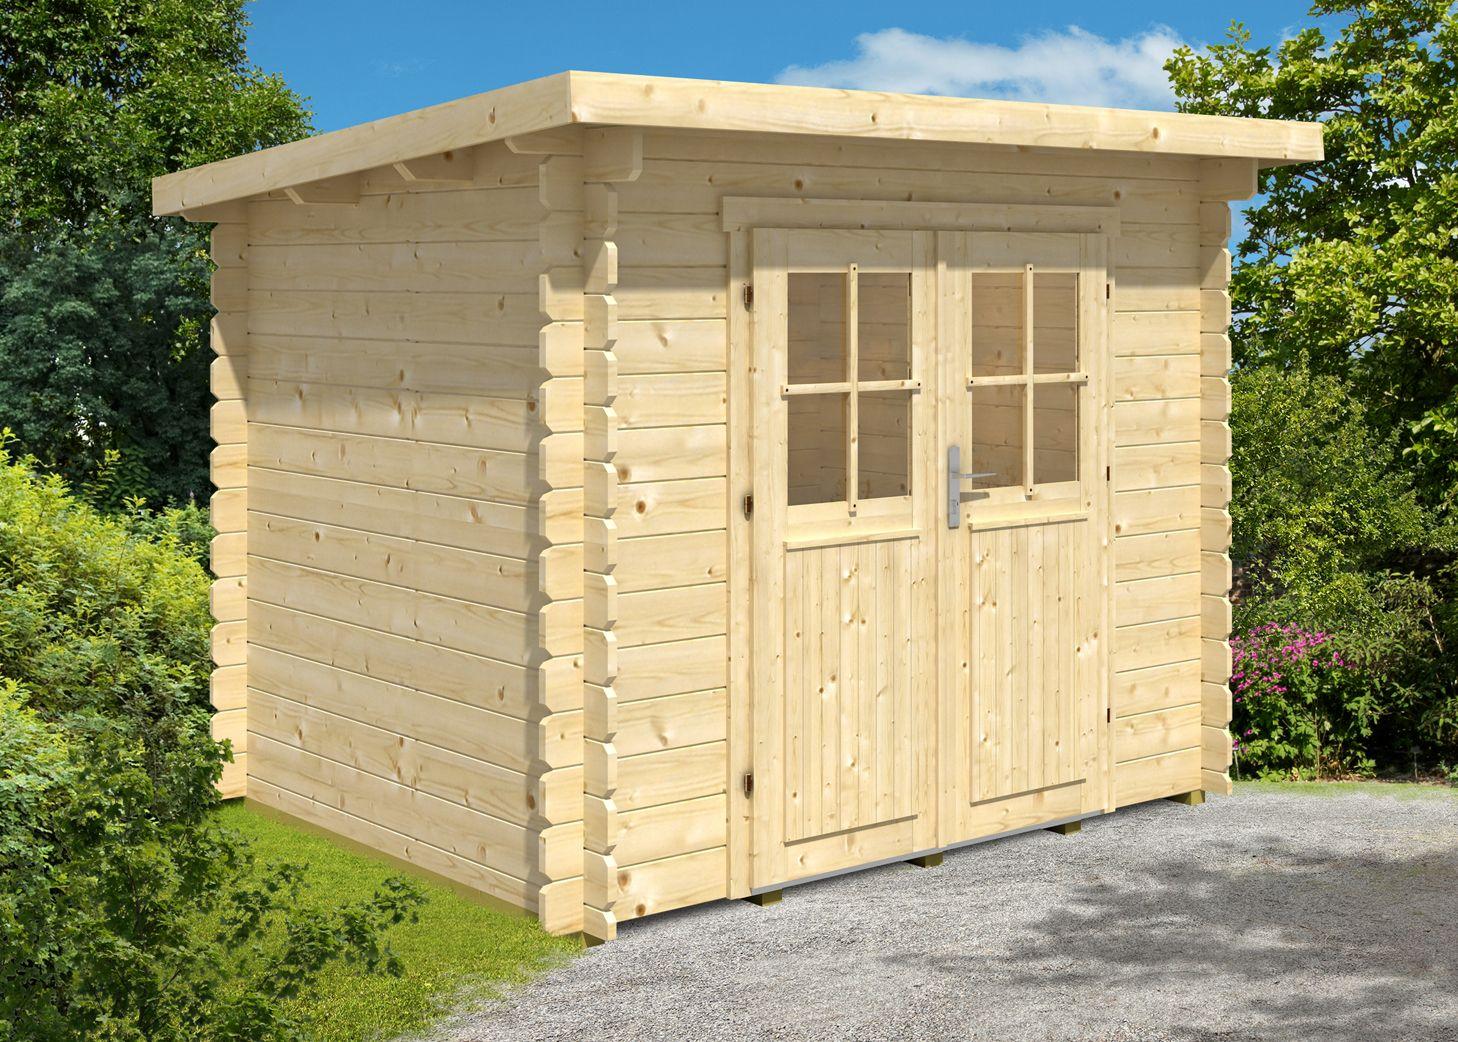 Gartenhaus Modell Korfu 28 Gartenhaus Modell Korfu 28 mit